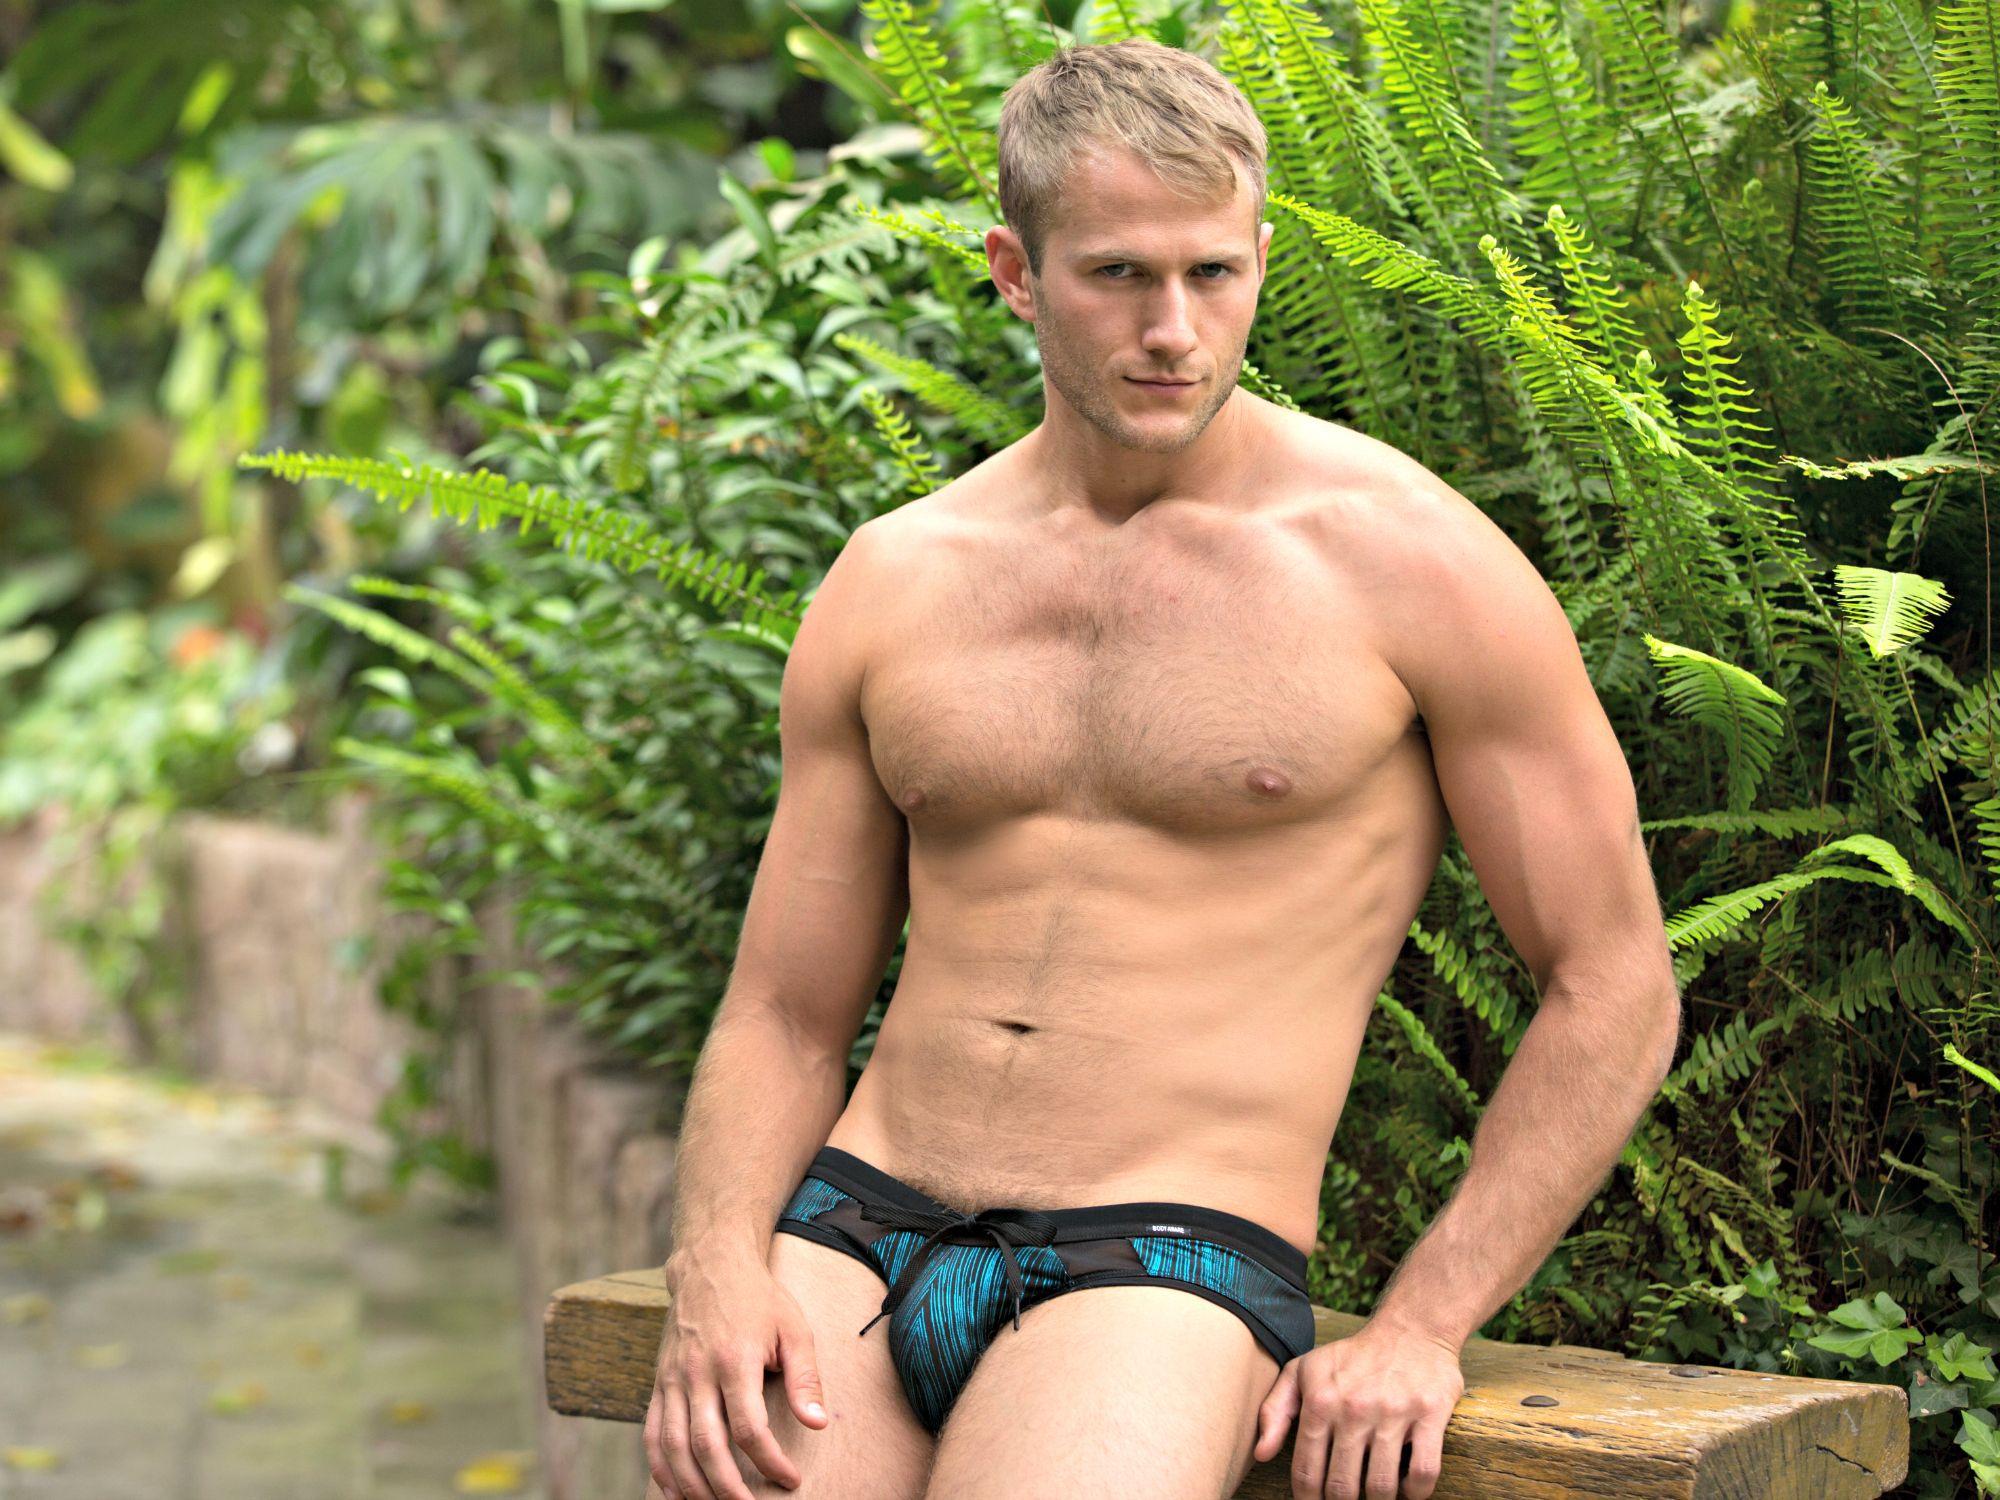 Pin by BodyAware Underwear on Male Model Underwear Hotties ...